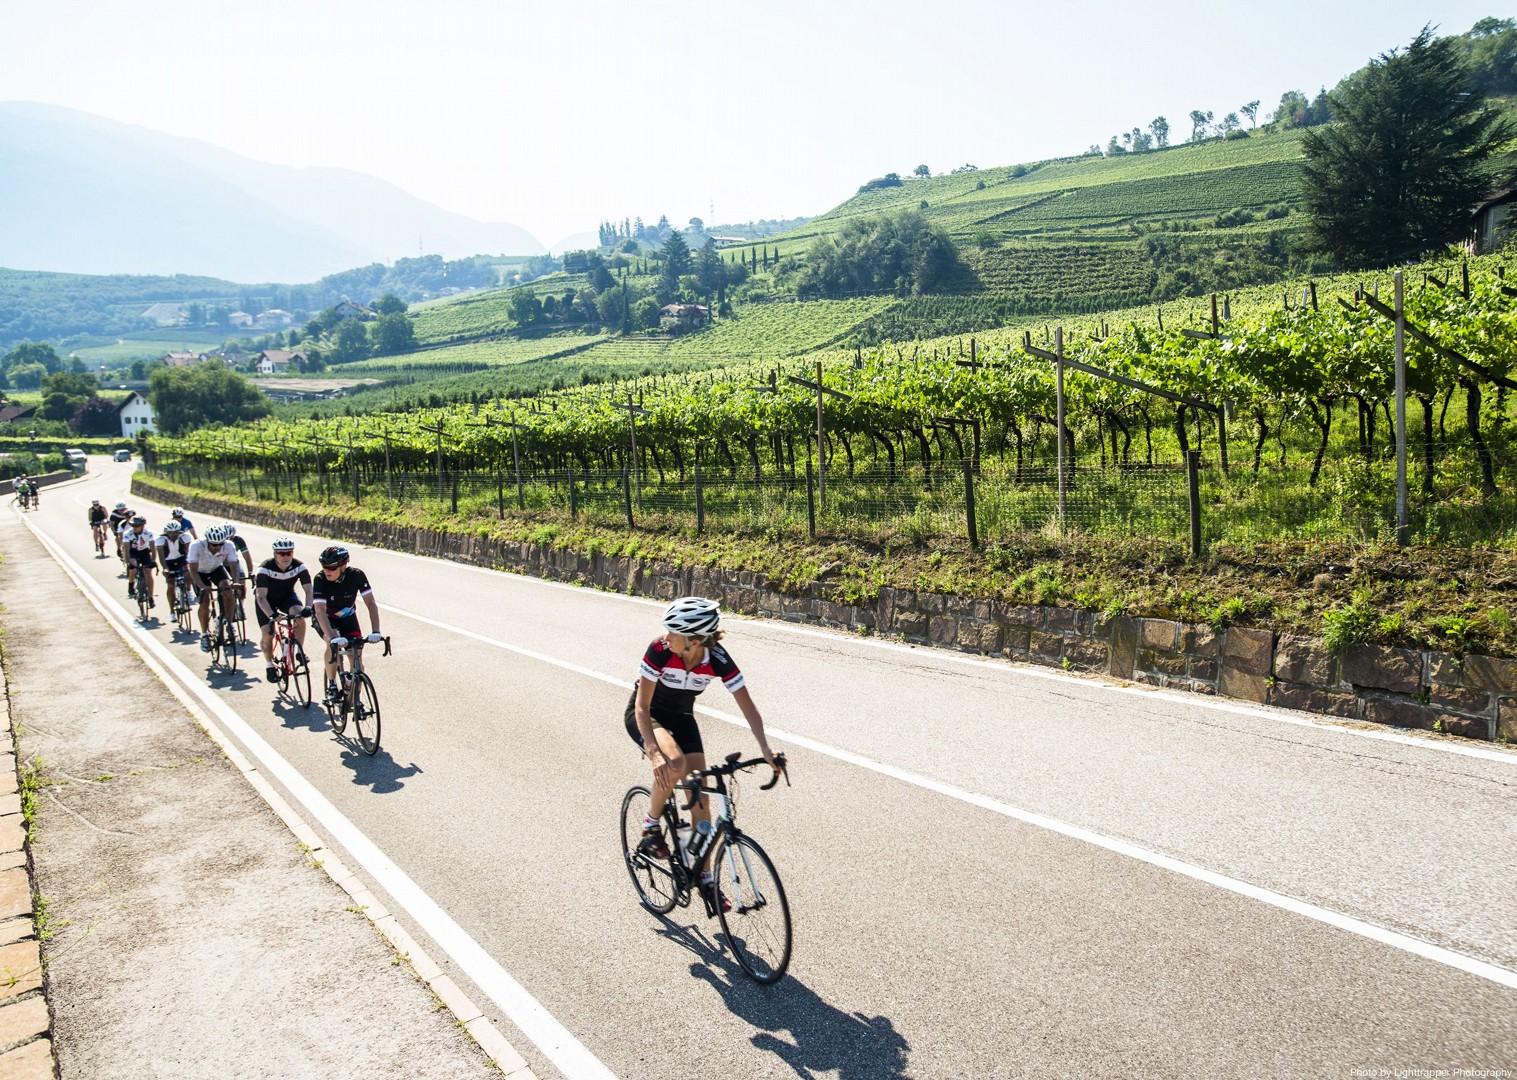 road-cycling-holiday-in-italian-alps.jpg - Italy - Italian Alps - Guided Road Cycling Holiday - Road Cycling